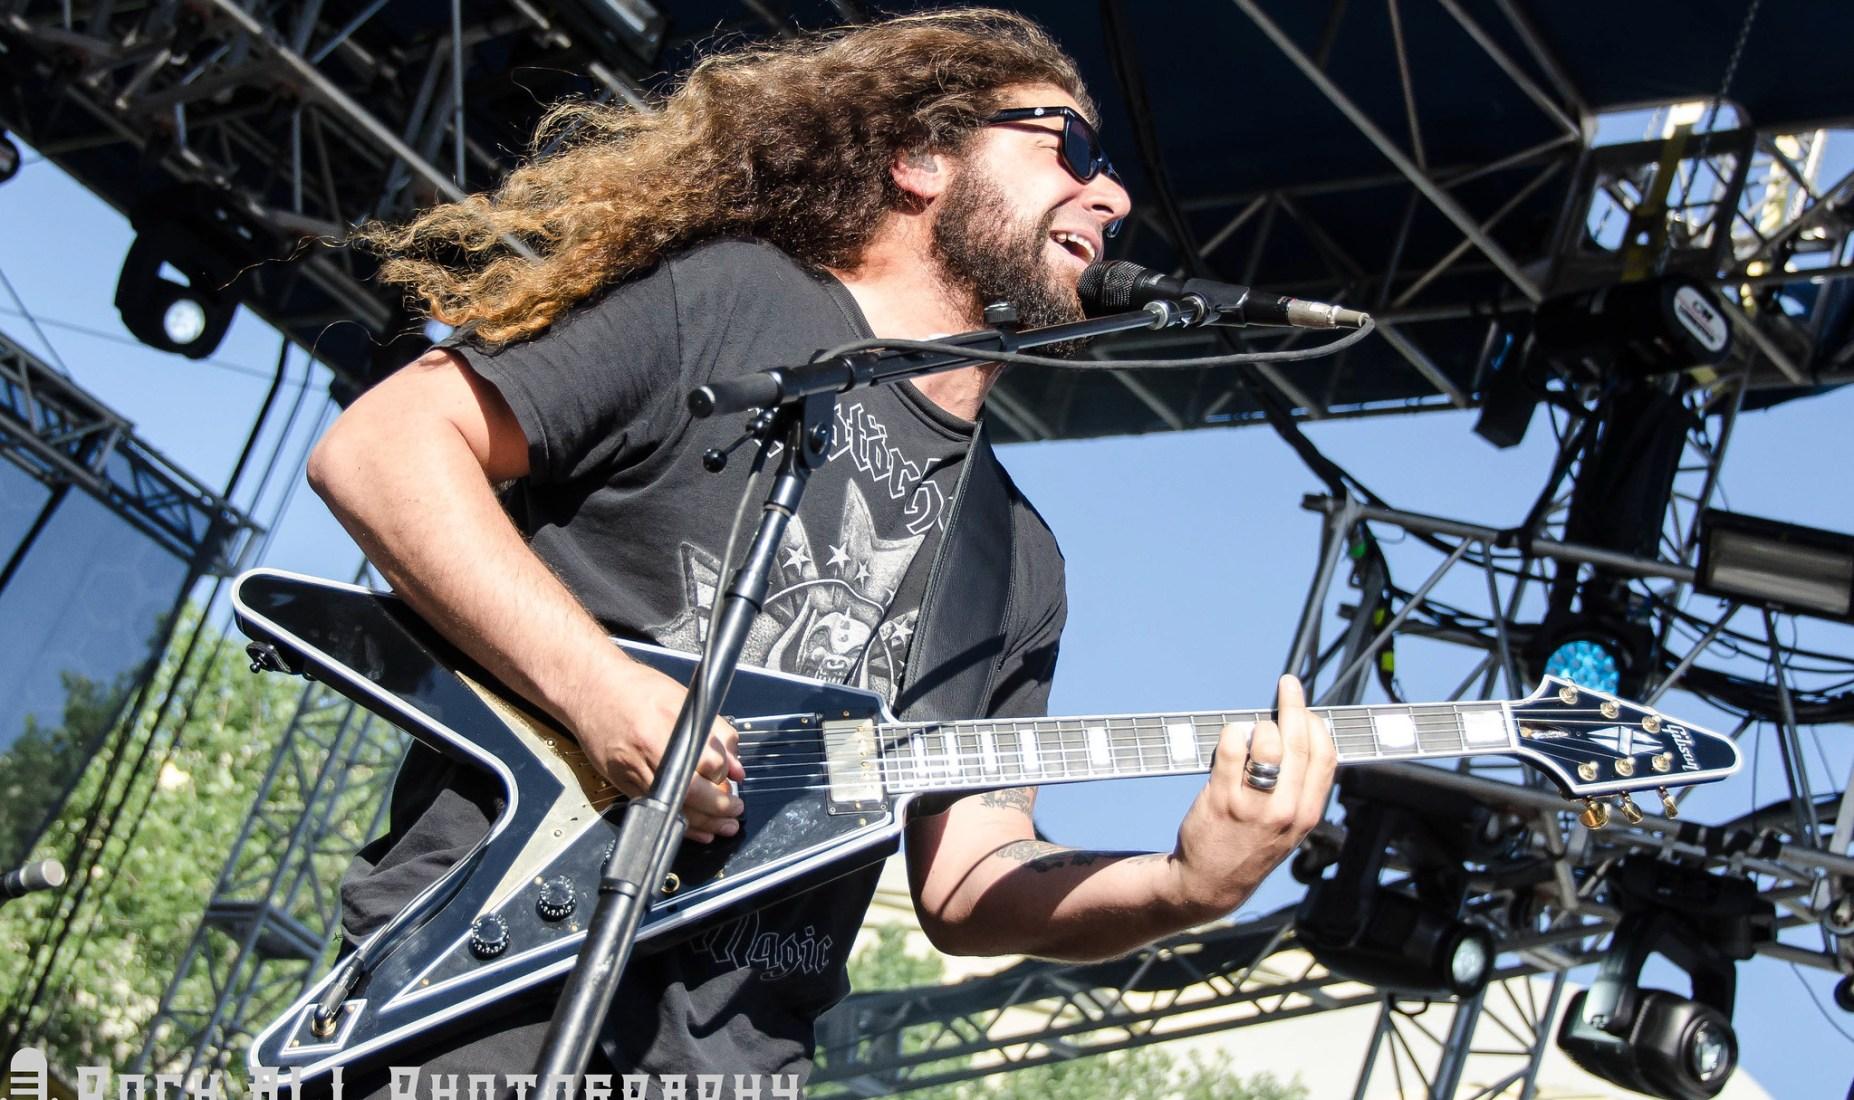 COHEED AND CAMBRIA - Bunbury Music Festival 2018 - 6/2/18 - Cincinnati Ohio